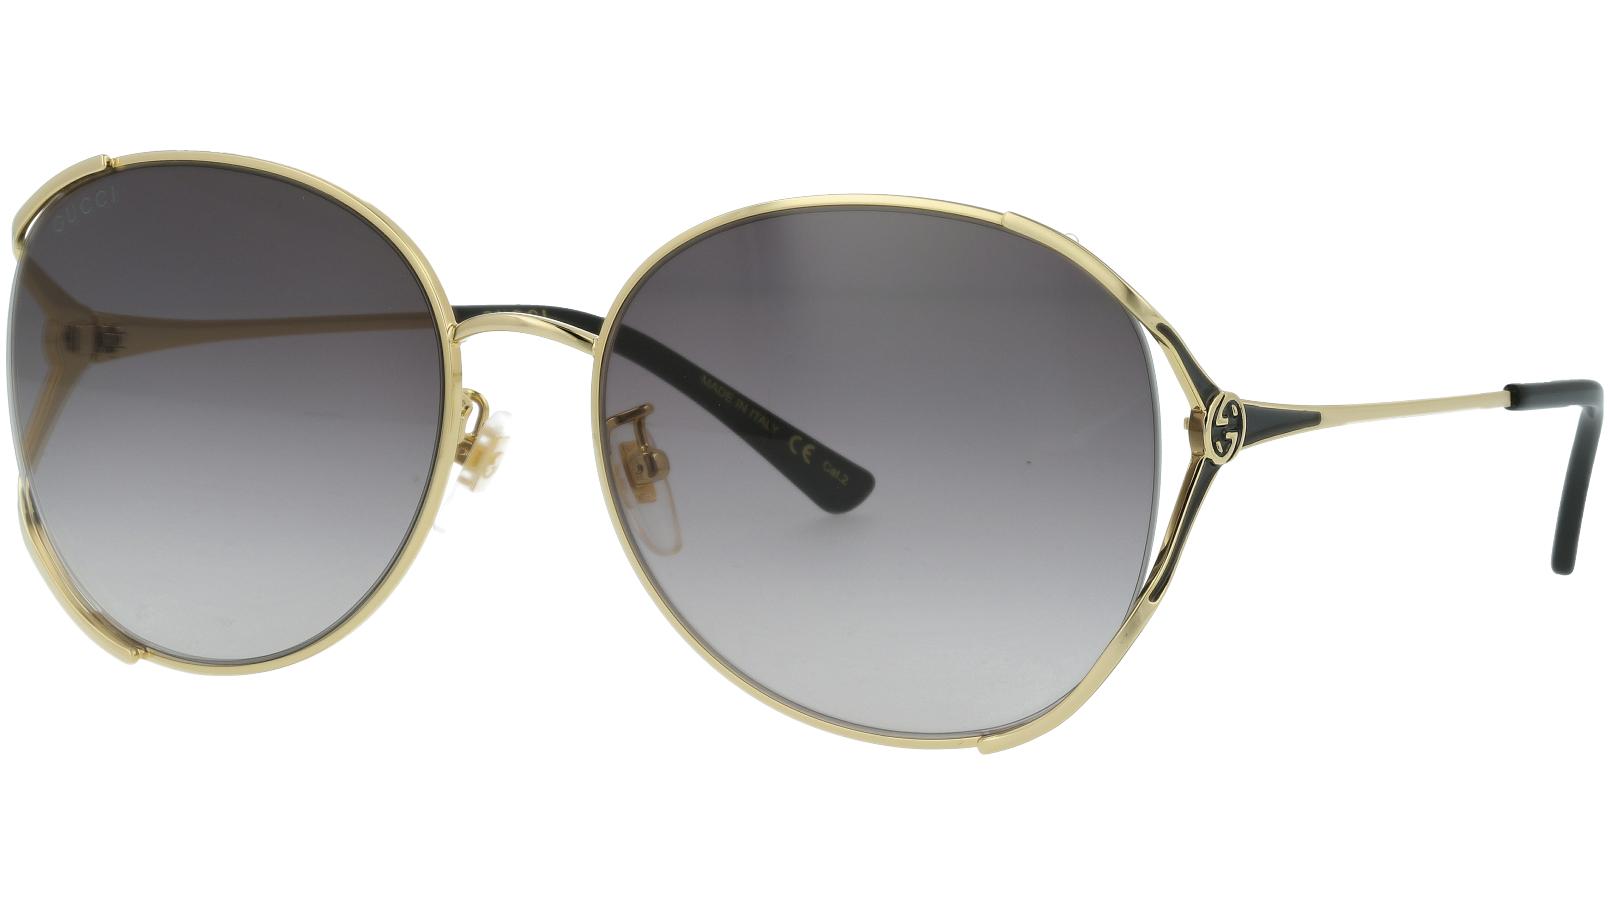 Gucci GG0650SK 001 59 Gold Oval Sunglasses